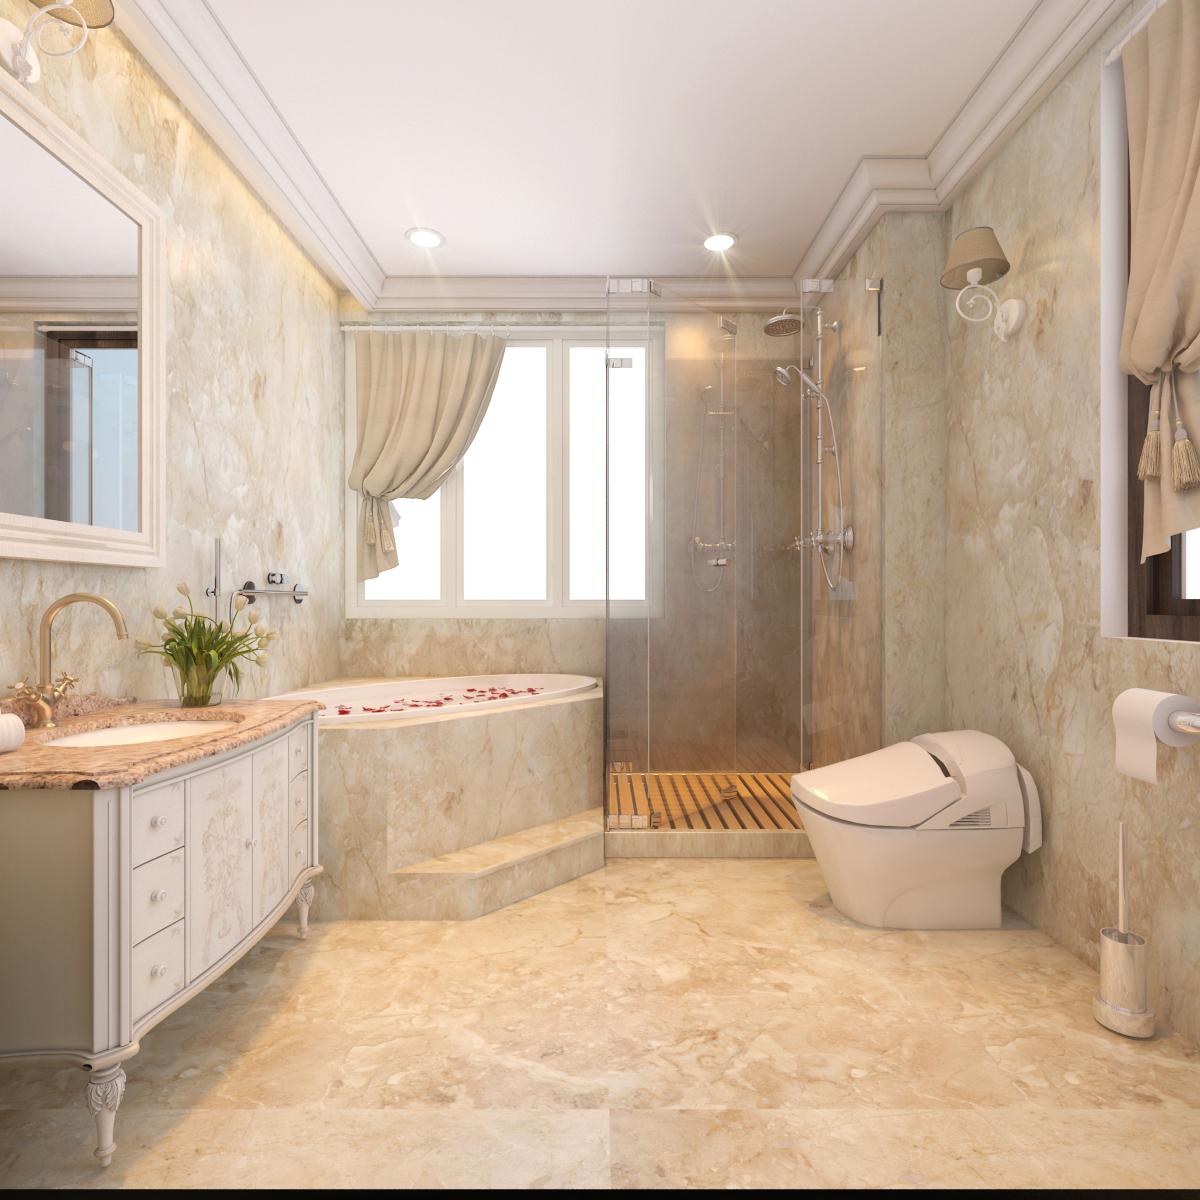 thiết kế nội thất Biệt Thự tại Hà Nội bt Vinhomes - riverside 43 1568276278